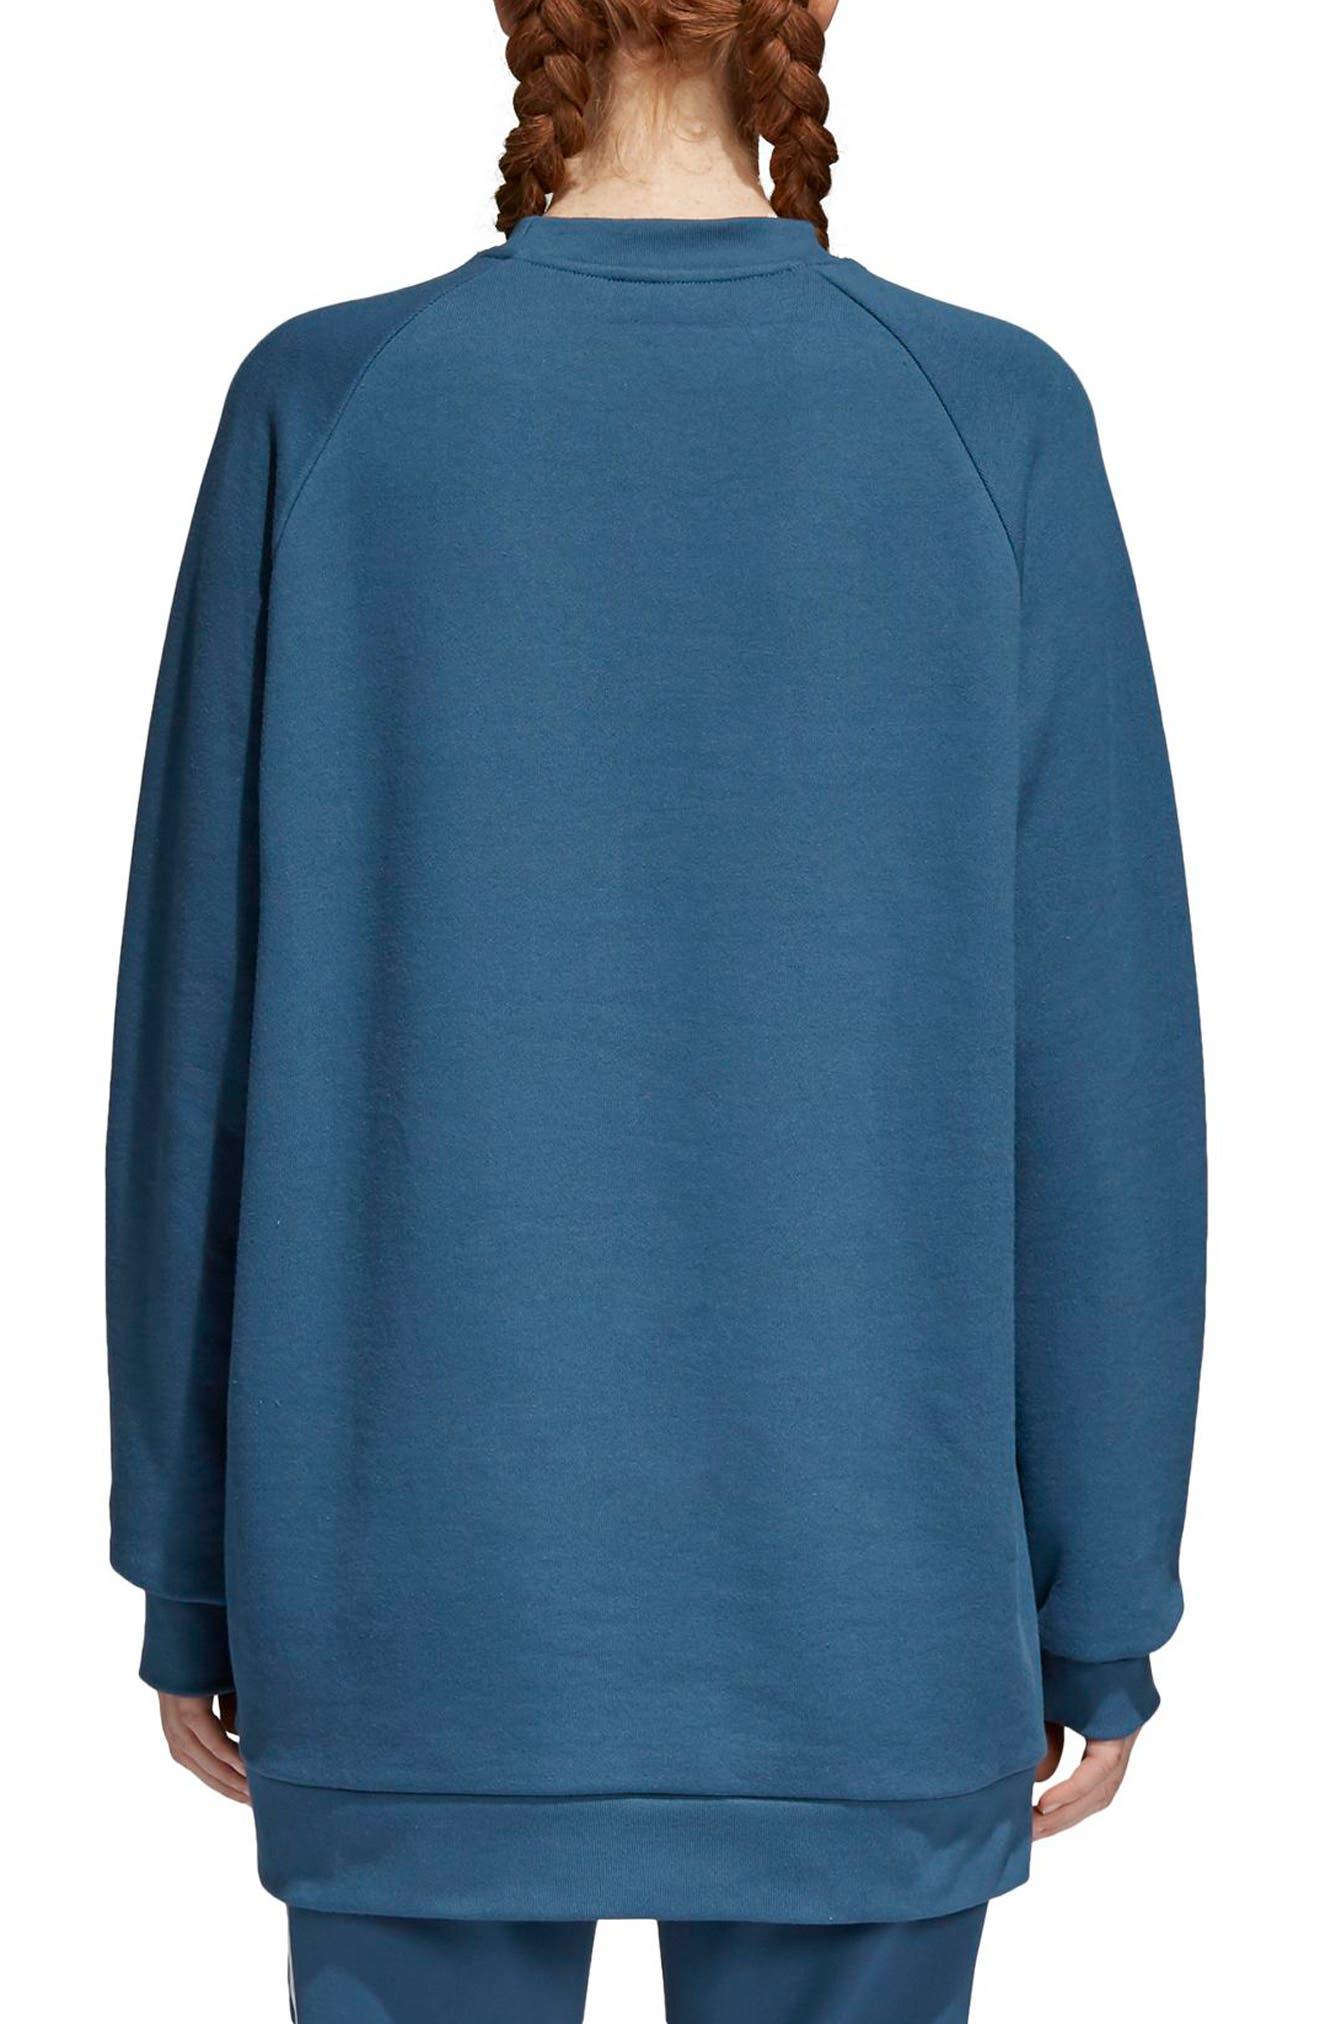 Originals Oversize Sweatshirt,                             Alternate thumbnail 2, color,                             Dark Steel